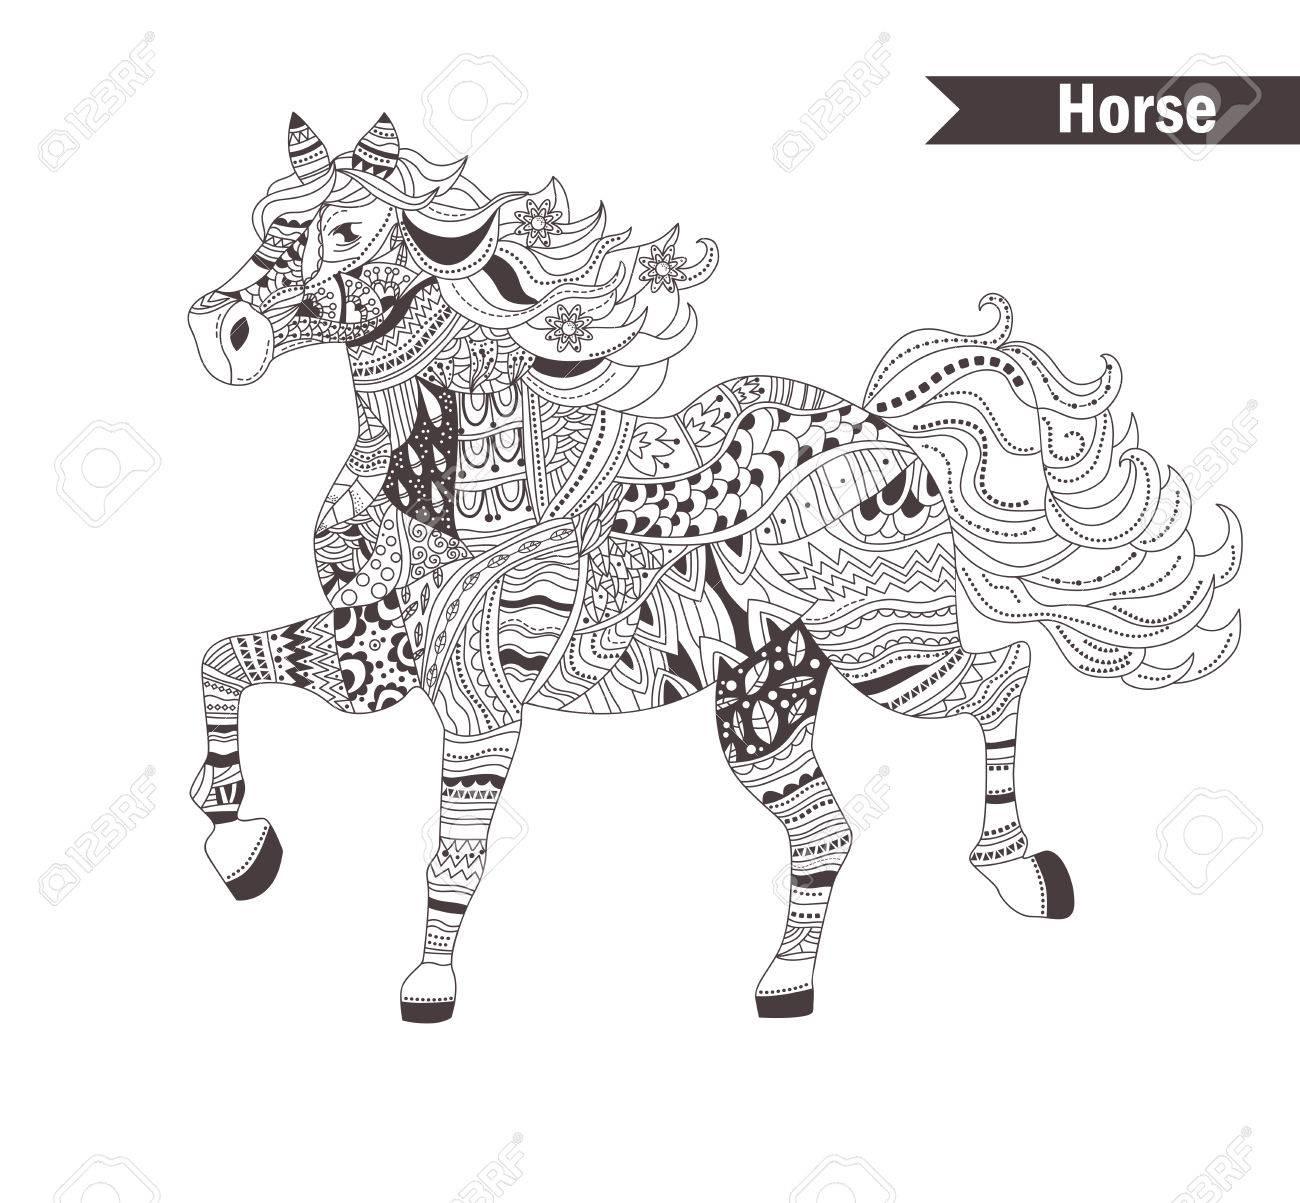 Kleurplaten Voor Volwassenen Koeien.Paard Kleurboek Voor Volwassen Antistress Kleurplaten Hand